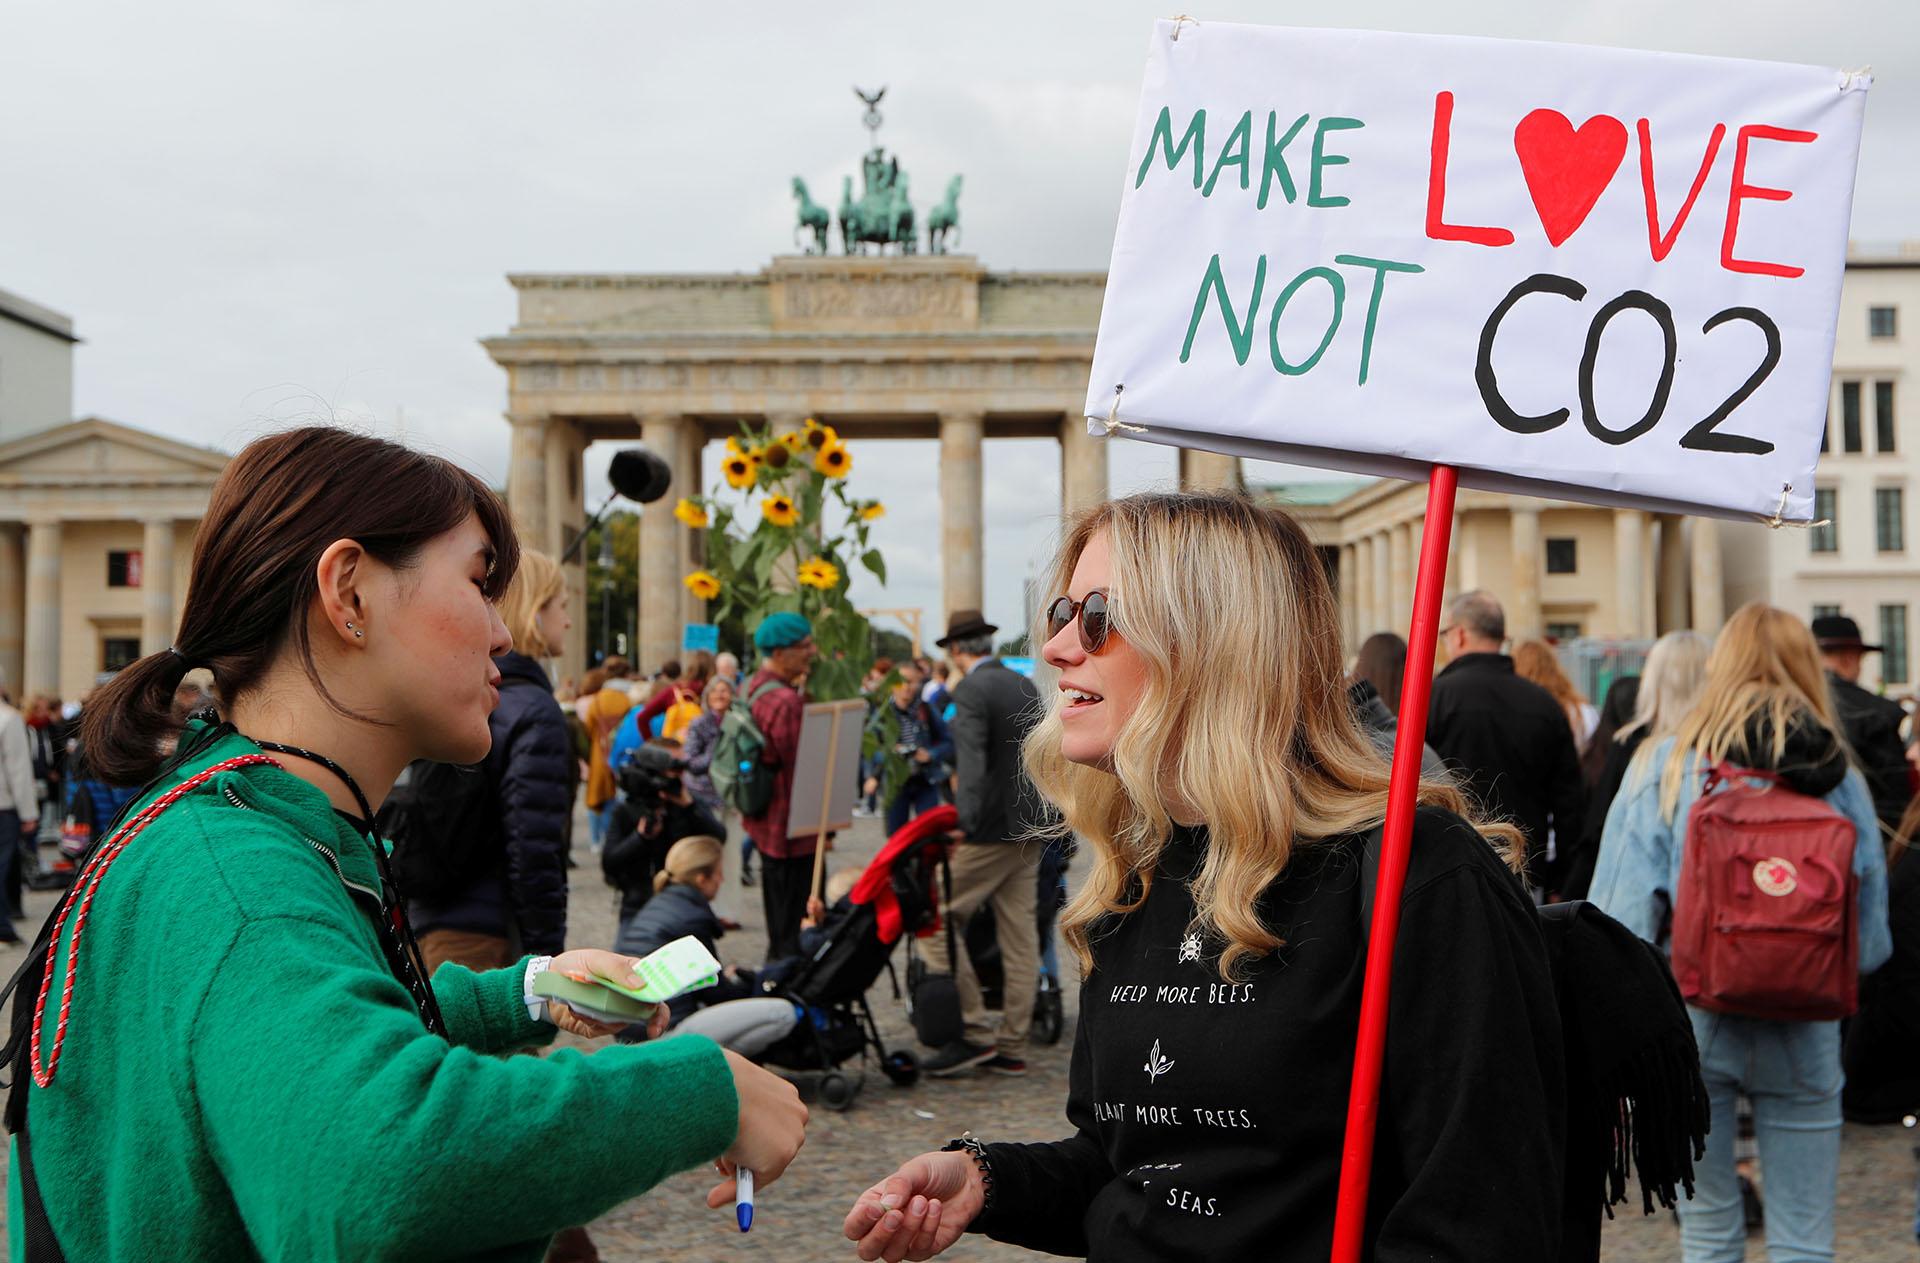 """""""Hagamos el amor, no dióxido de carbono"""", dice el cartel sostenido por una joven alemana(REUTERS/Fabrizio Bensch)"""